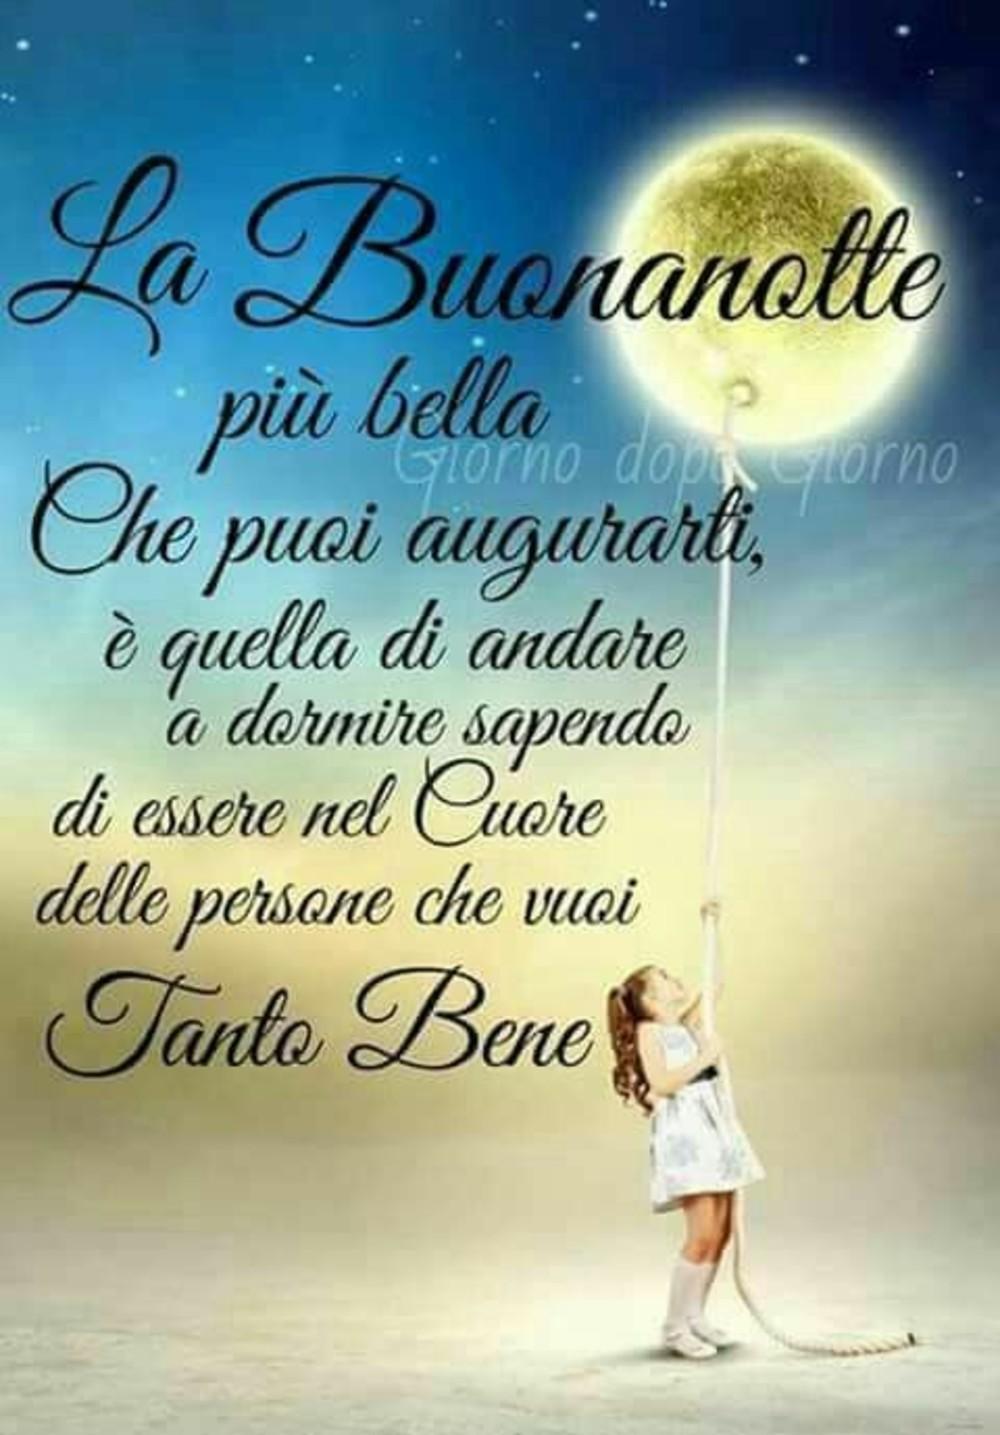 Immagini Sacre Buonanotte Gratis Per Whatsapp